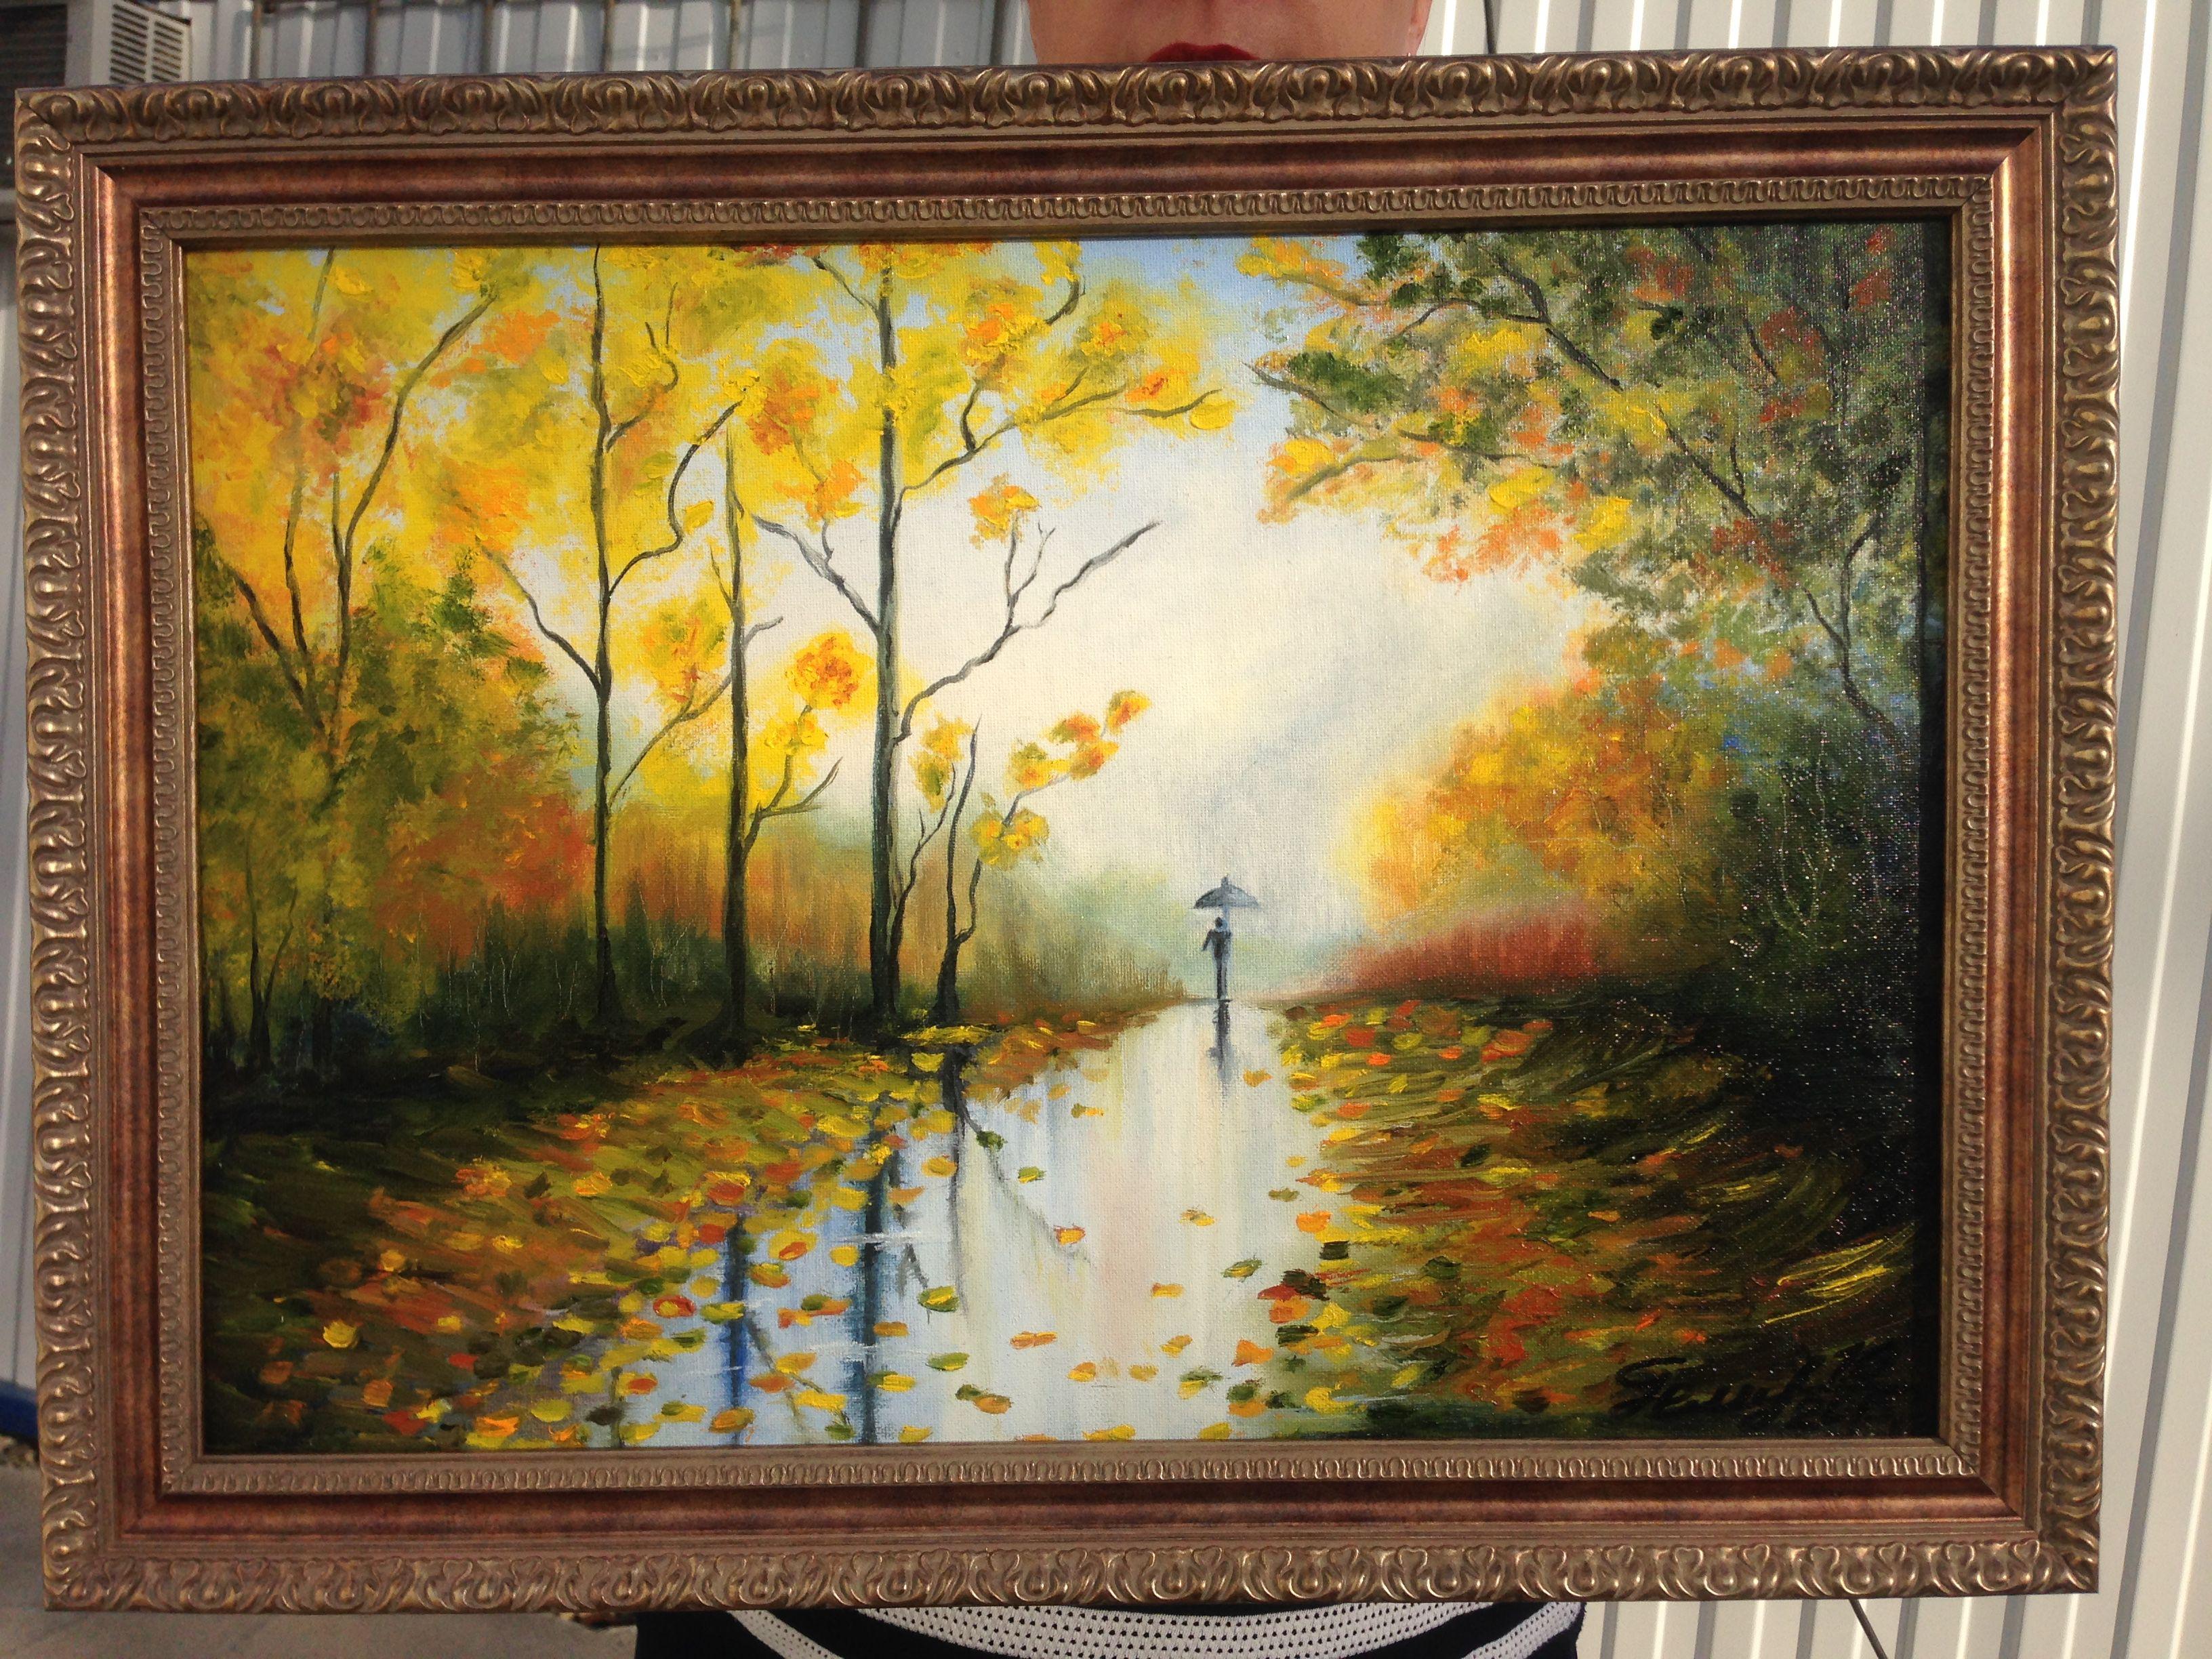 autumn interior picture painting art